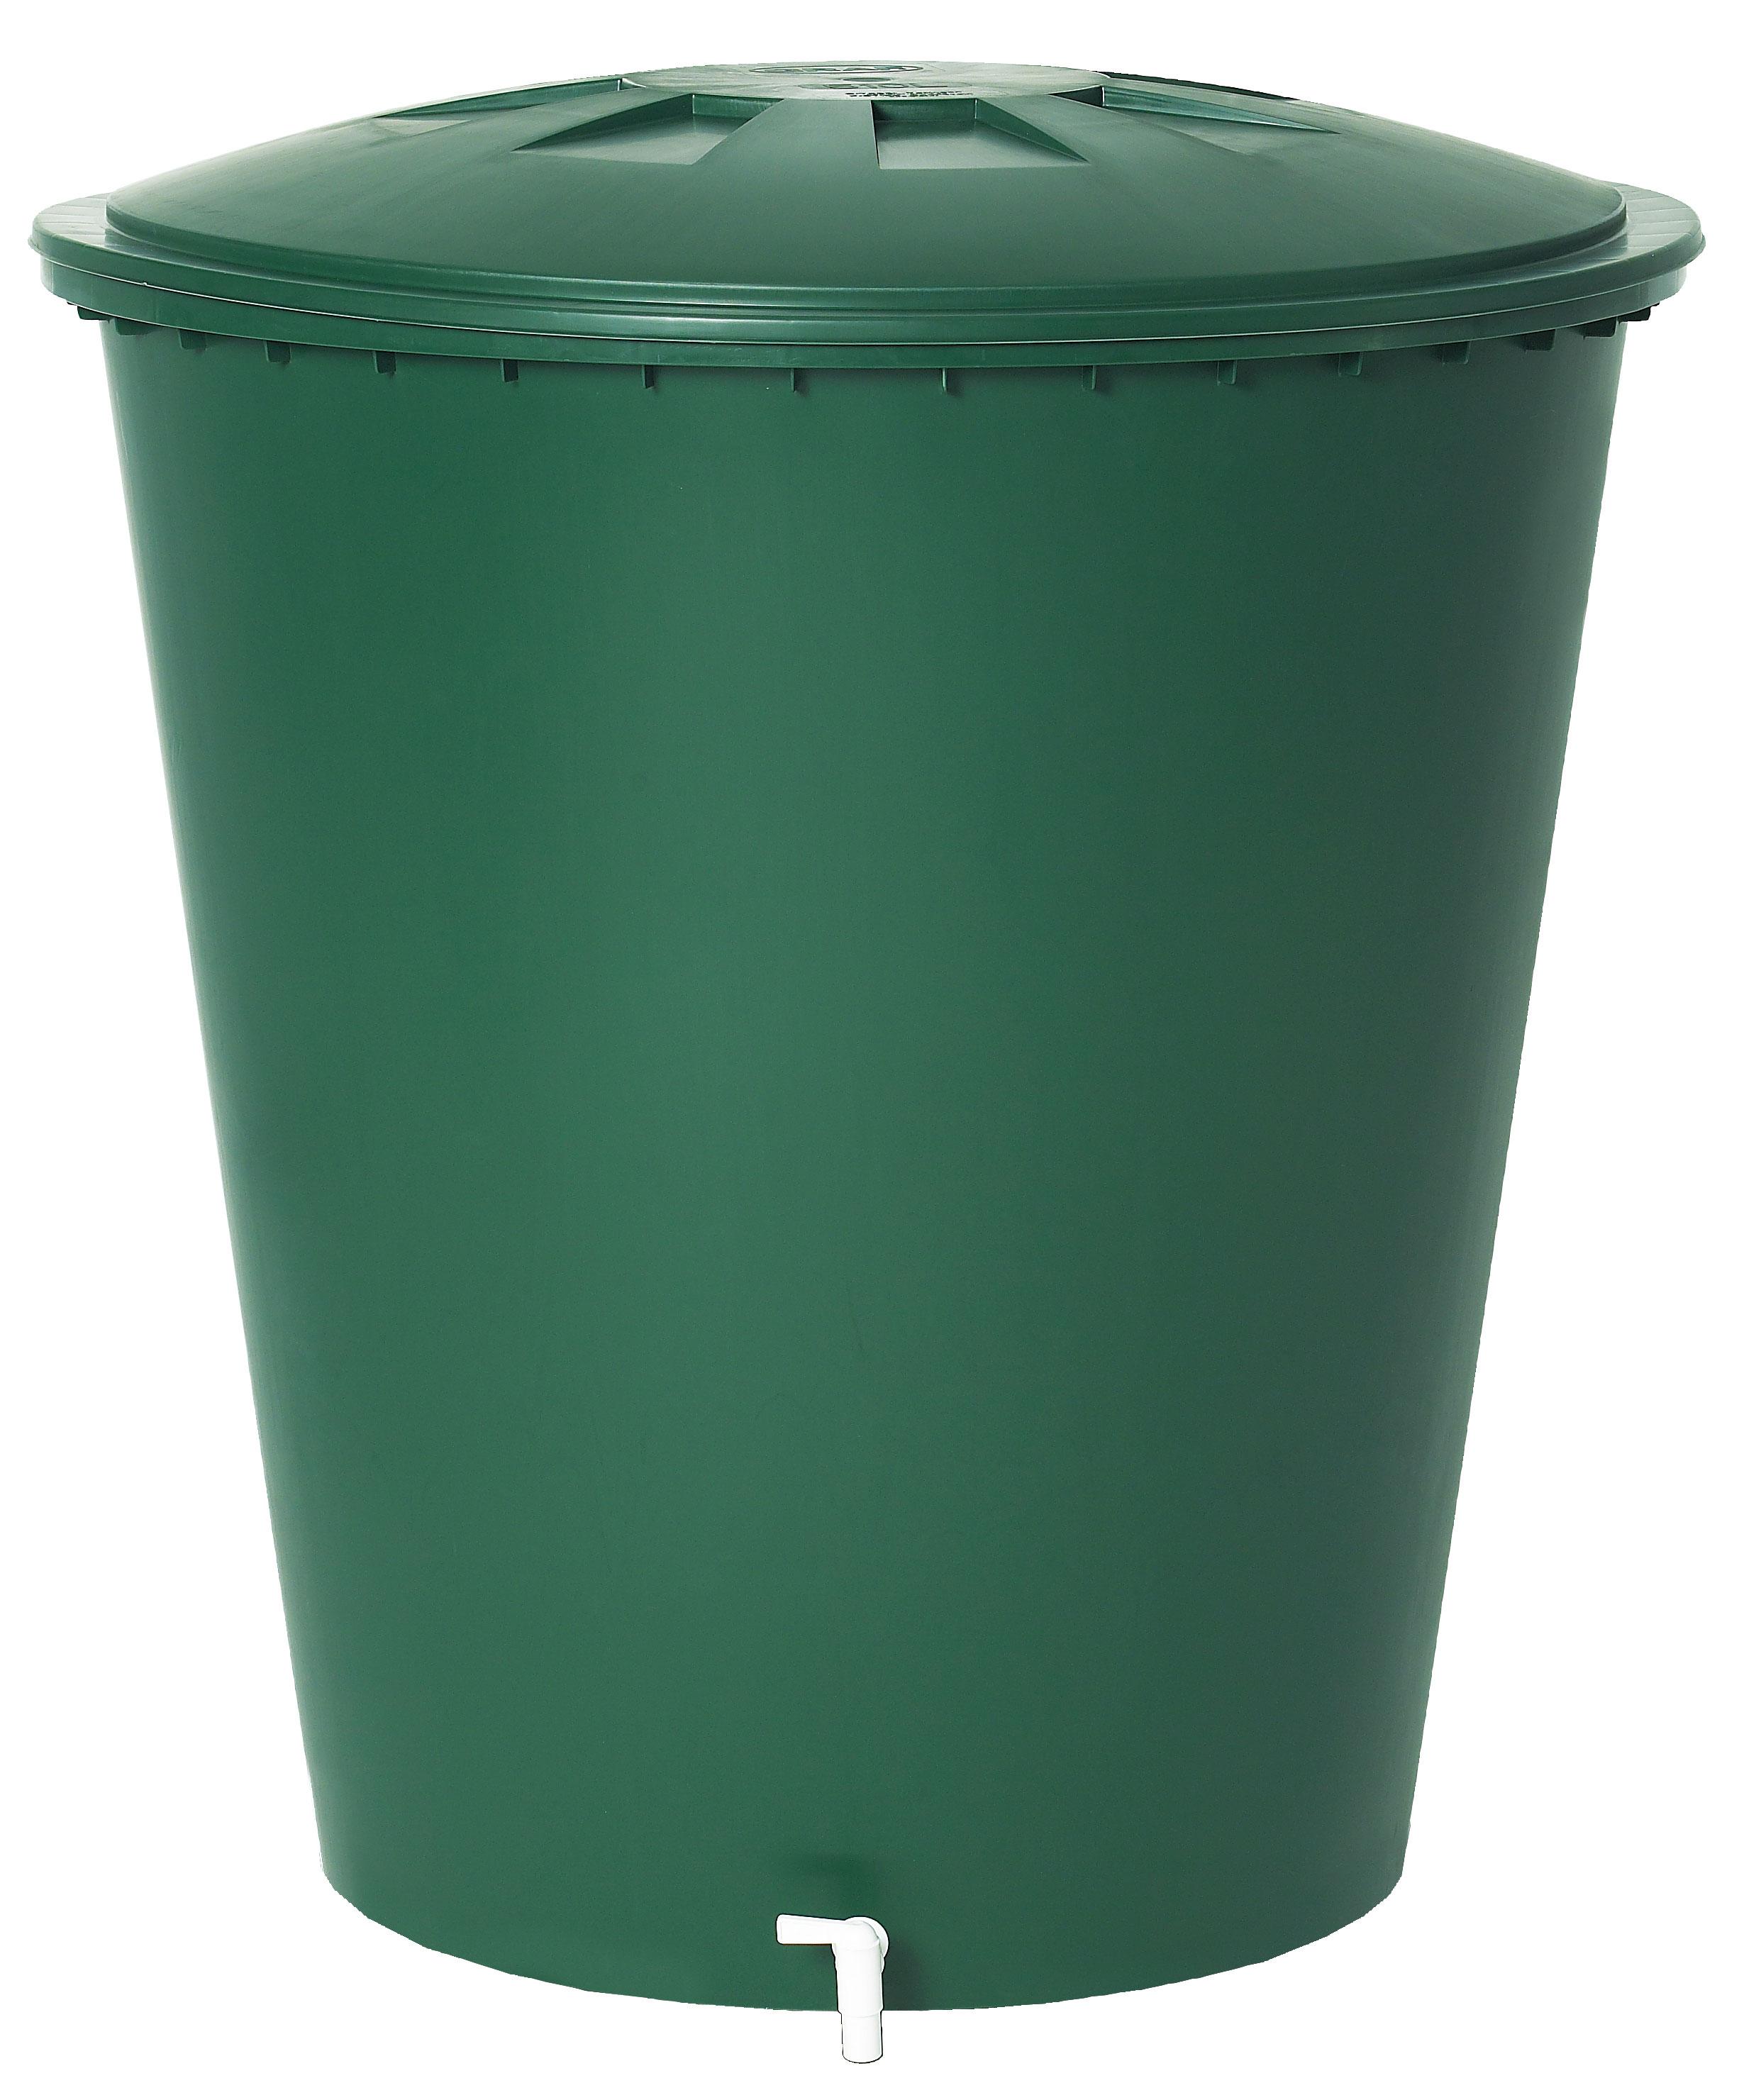 B-Ware Regentonne rund 310 Liter grün GARANTIA 500213 Bild 1